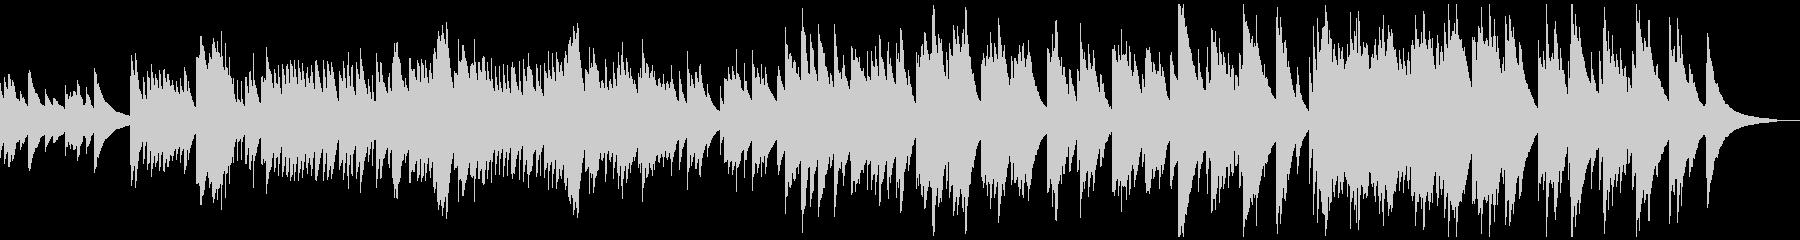 静けさの中にロマンが宿るオルゴール曲の未再生の波形